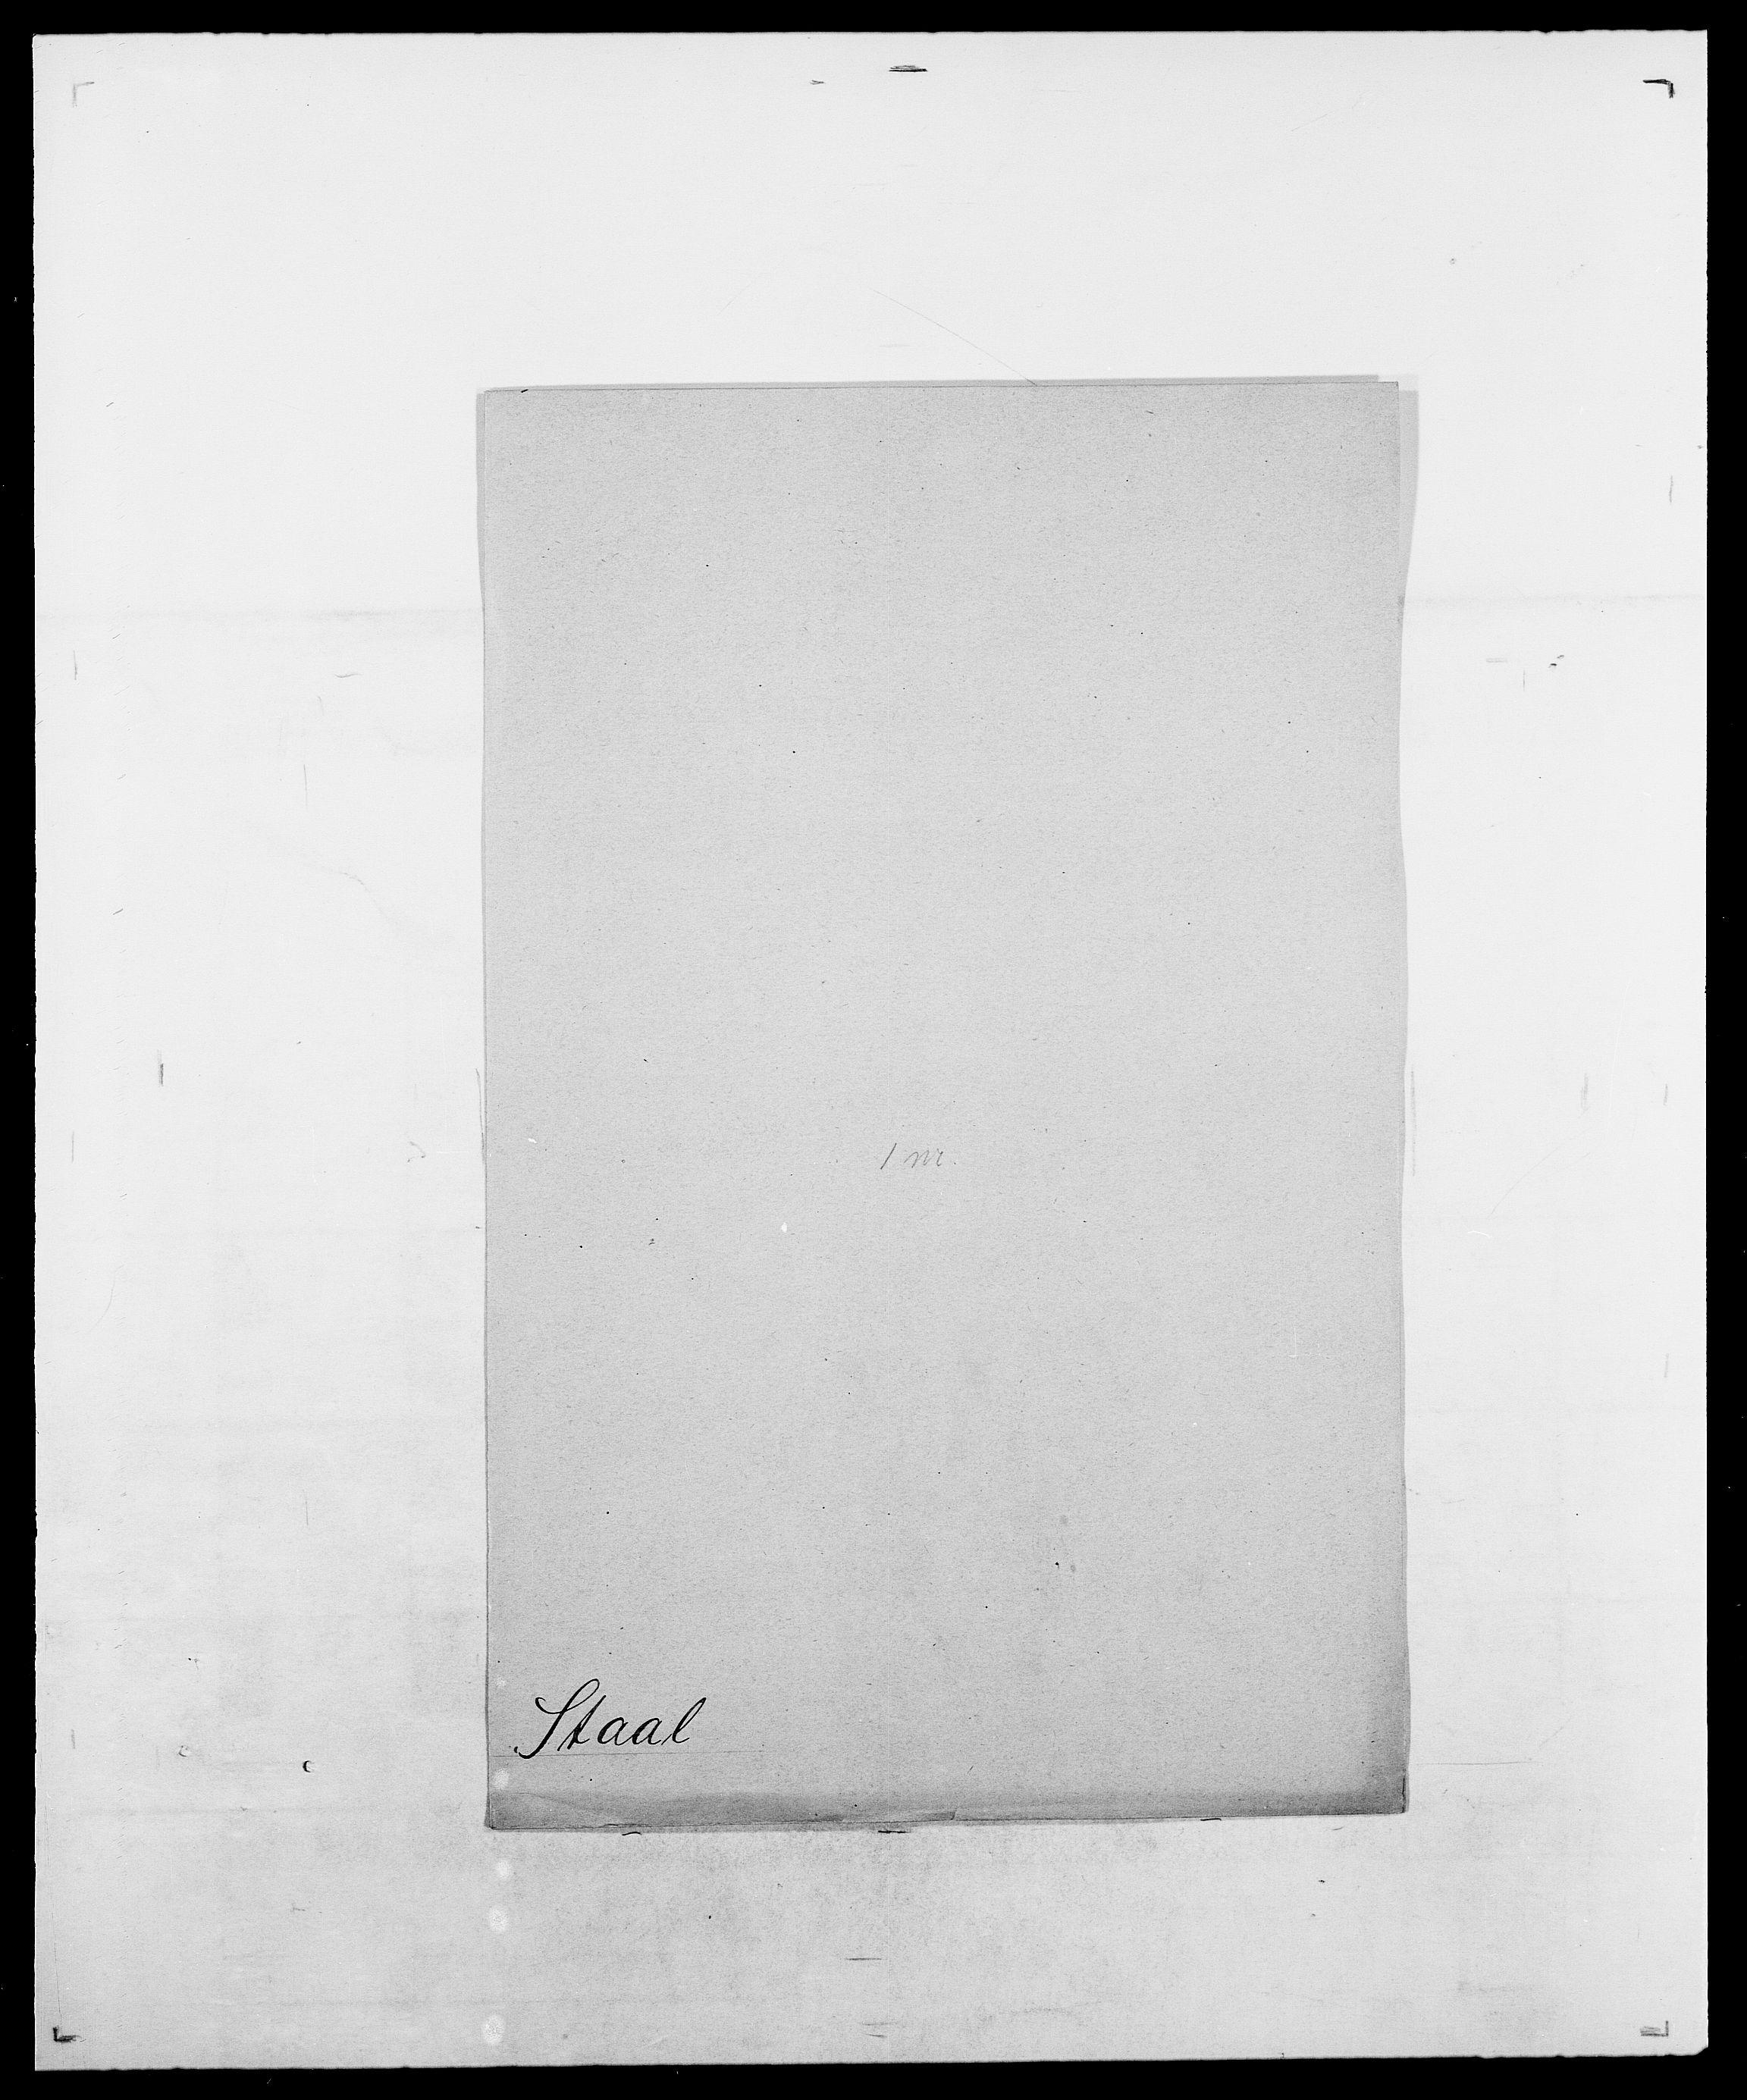 SAO, Delgobe, Charles Antoine - samling, D/Da/L0036: Skaanør - Staverskov, s. 599